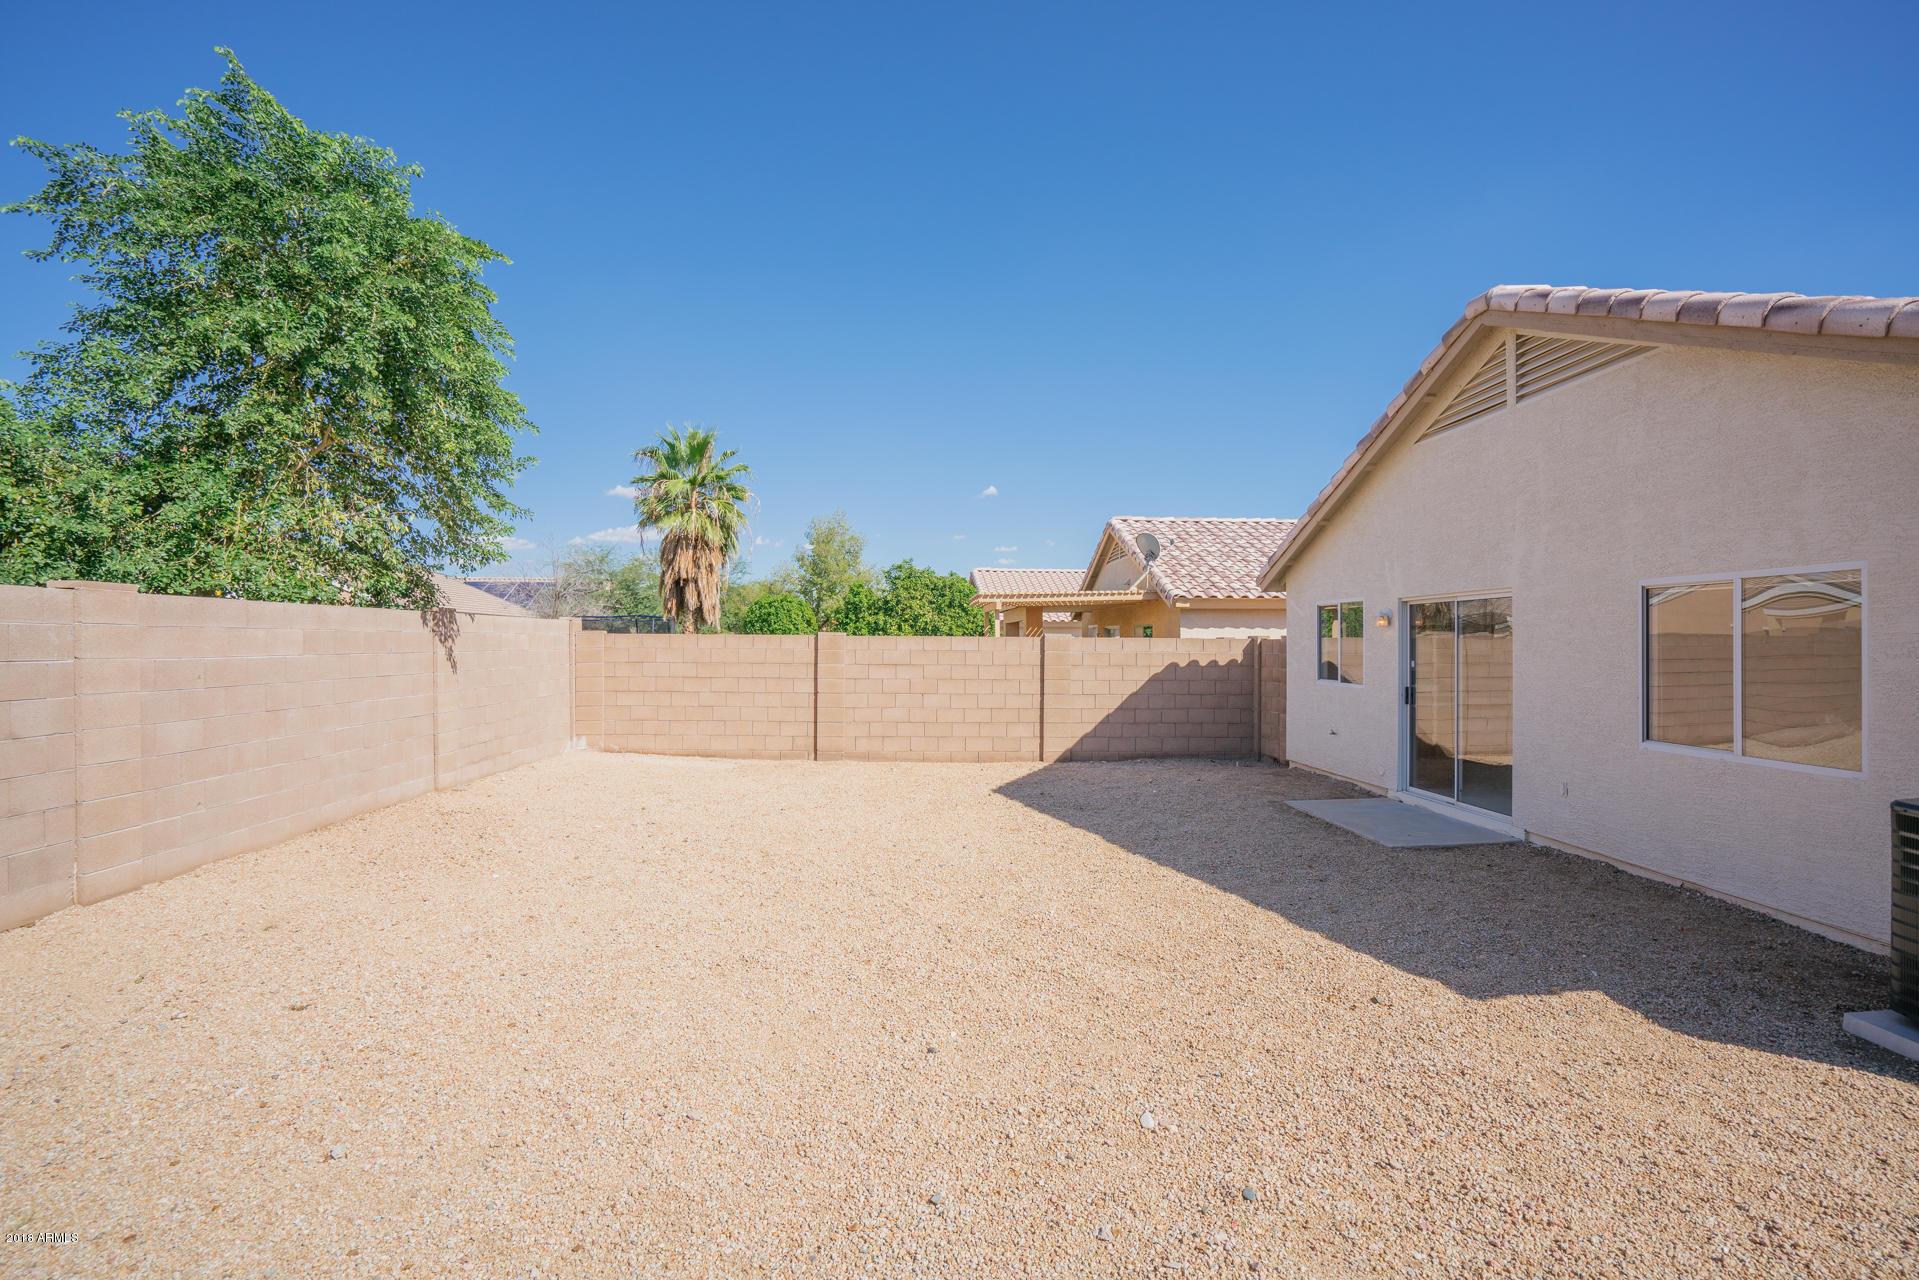 MLS 5830208 12224 W DAHLIA Drive, El Mirage, AZ 85335 El Mirage AZ Sundial